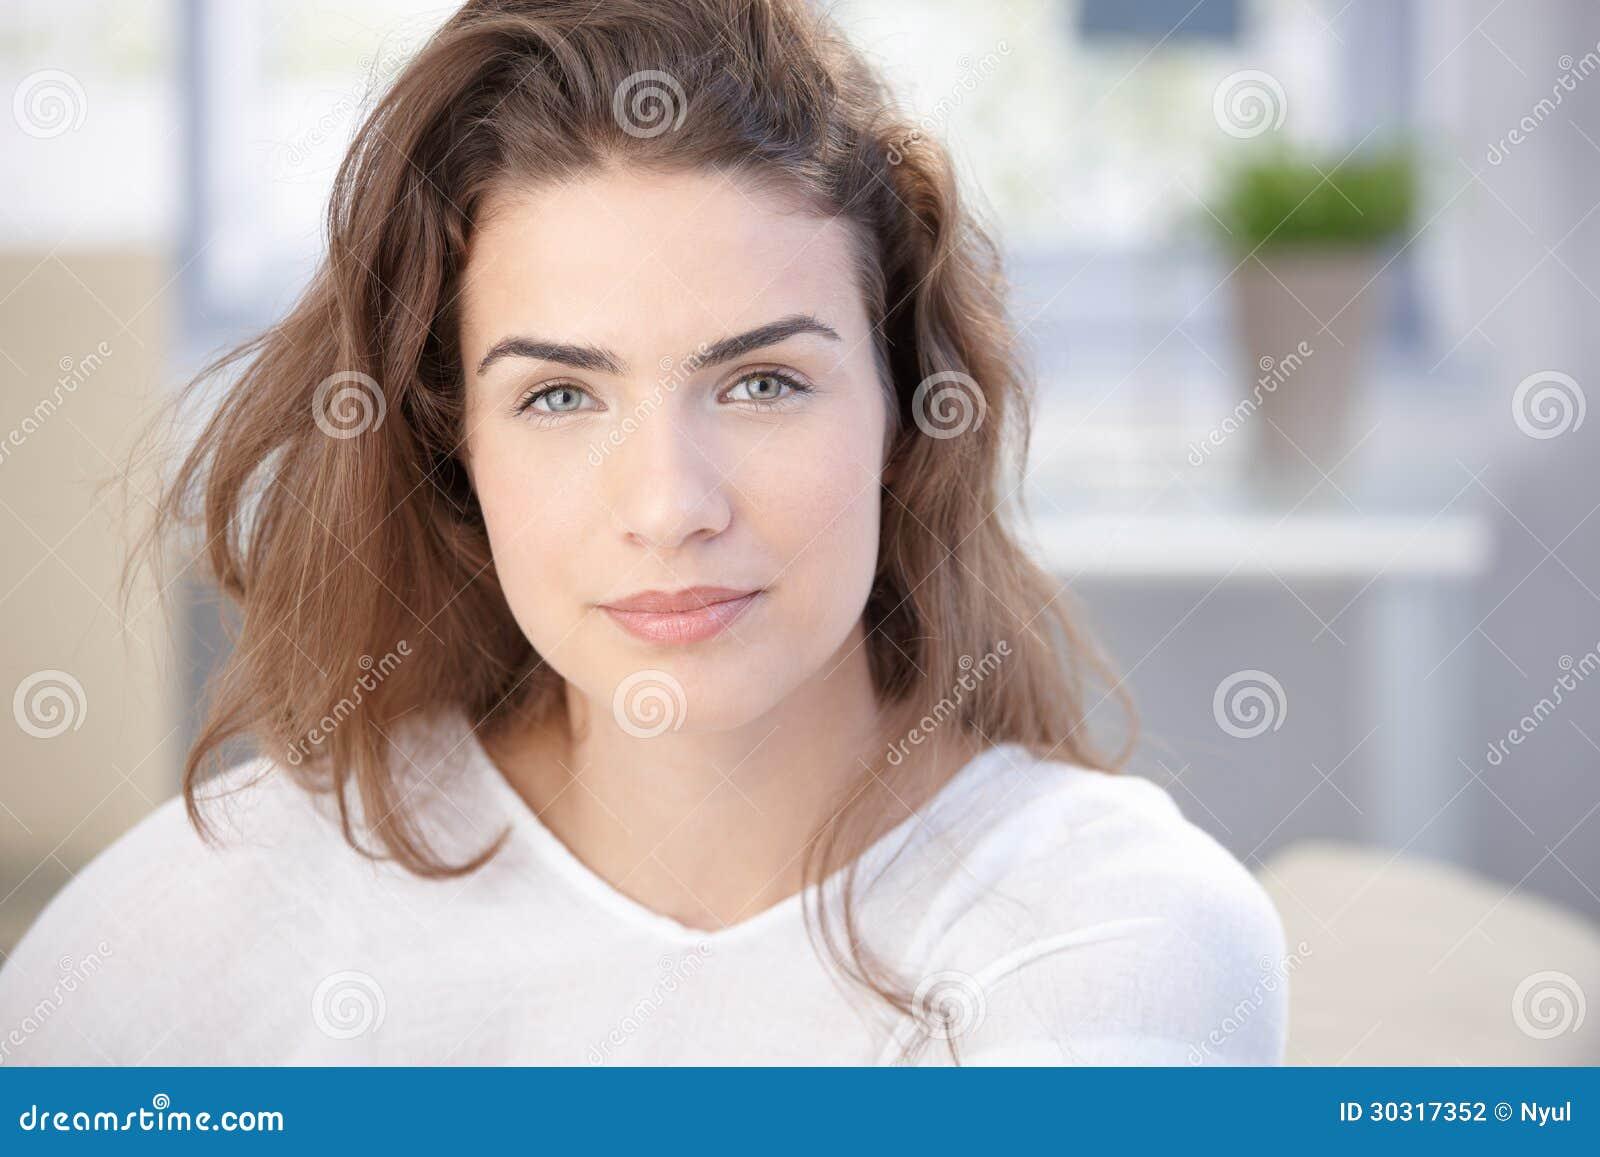 Πορτρέτο πρωινού της όμορφης γυναίκας στο σπίτι